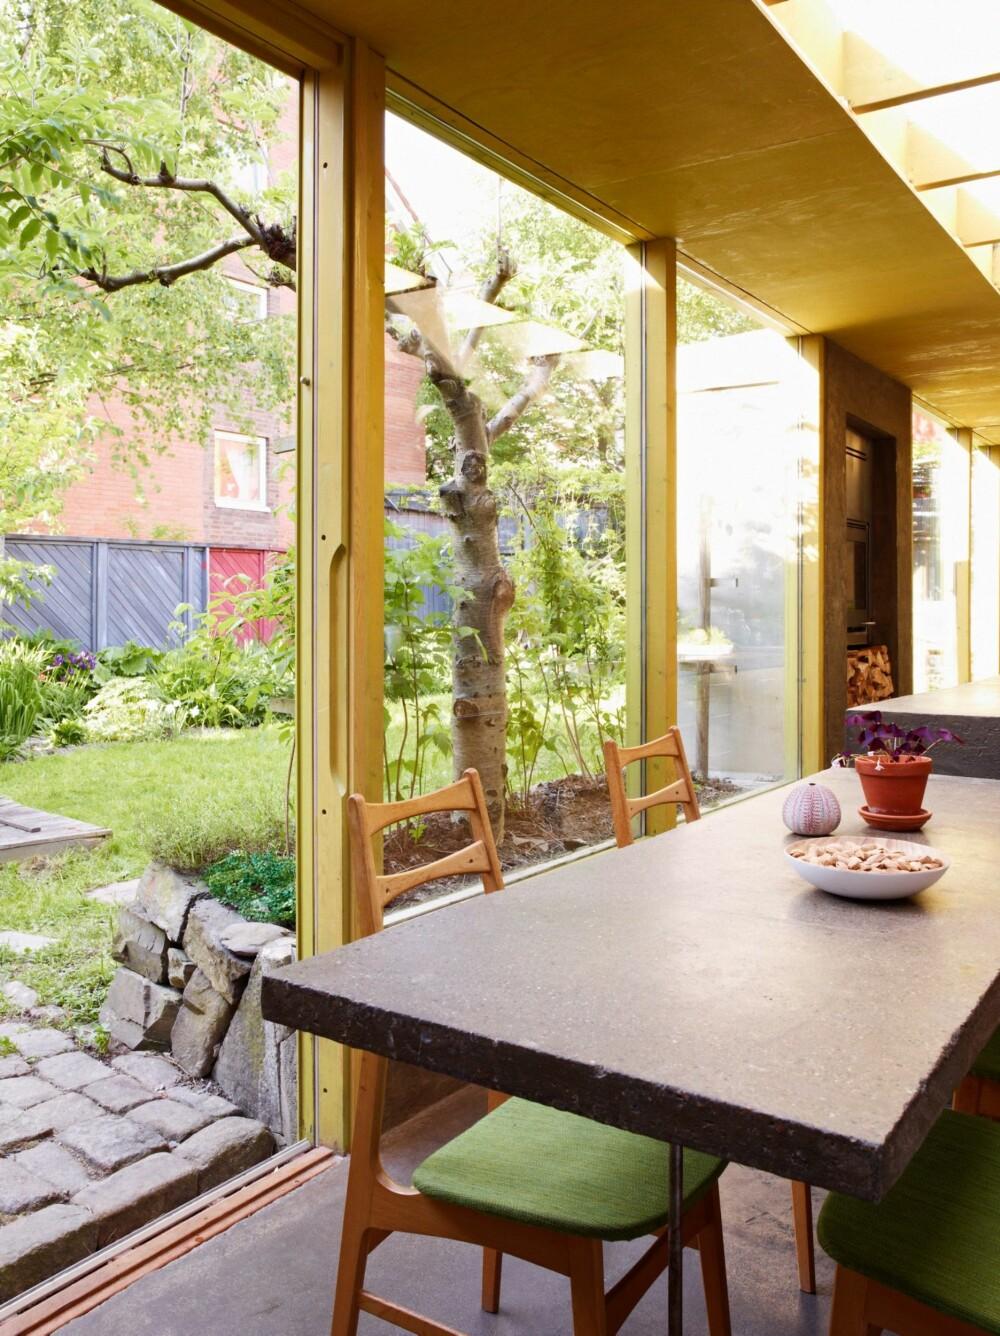 UTSYN MOT HAGEN: Store glassflater bidrar til at hagen integreres i boligen, som et ekstra rom. Stoler i tre med grønt trekk gjør at innerommet harmonerer enda bedre med hagen utenfor.